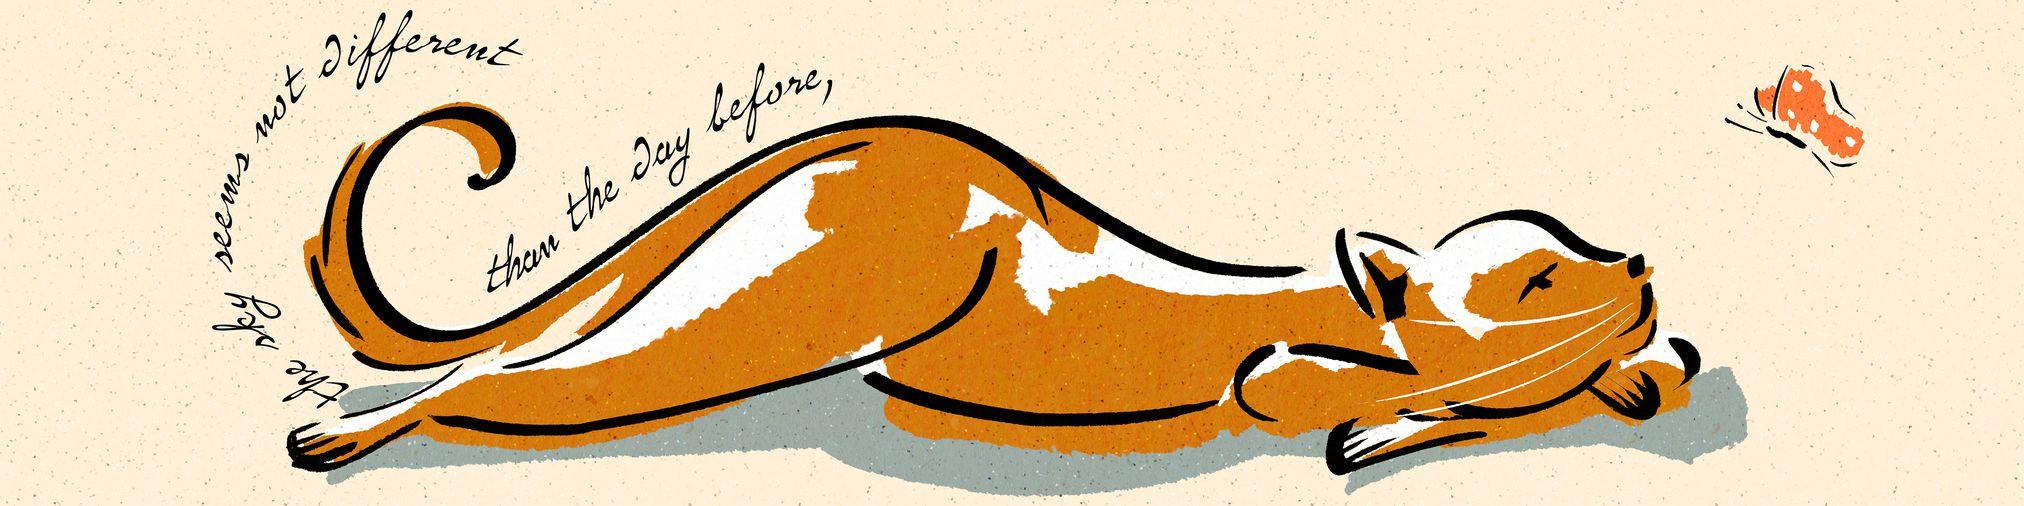 garance-illustration-birgit-schossow-best-wishes-2